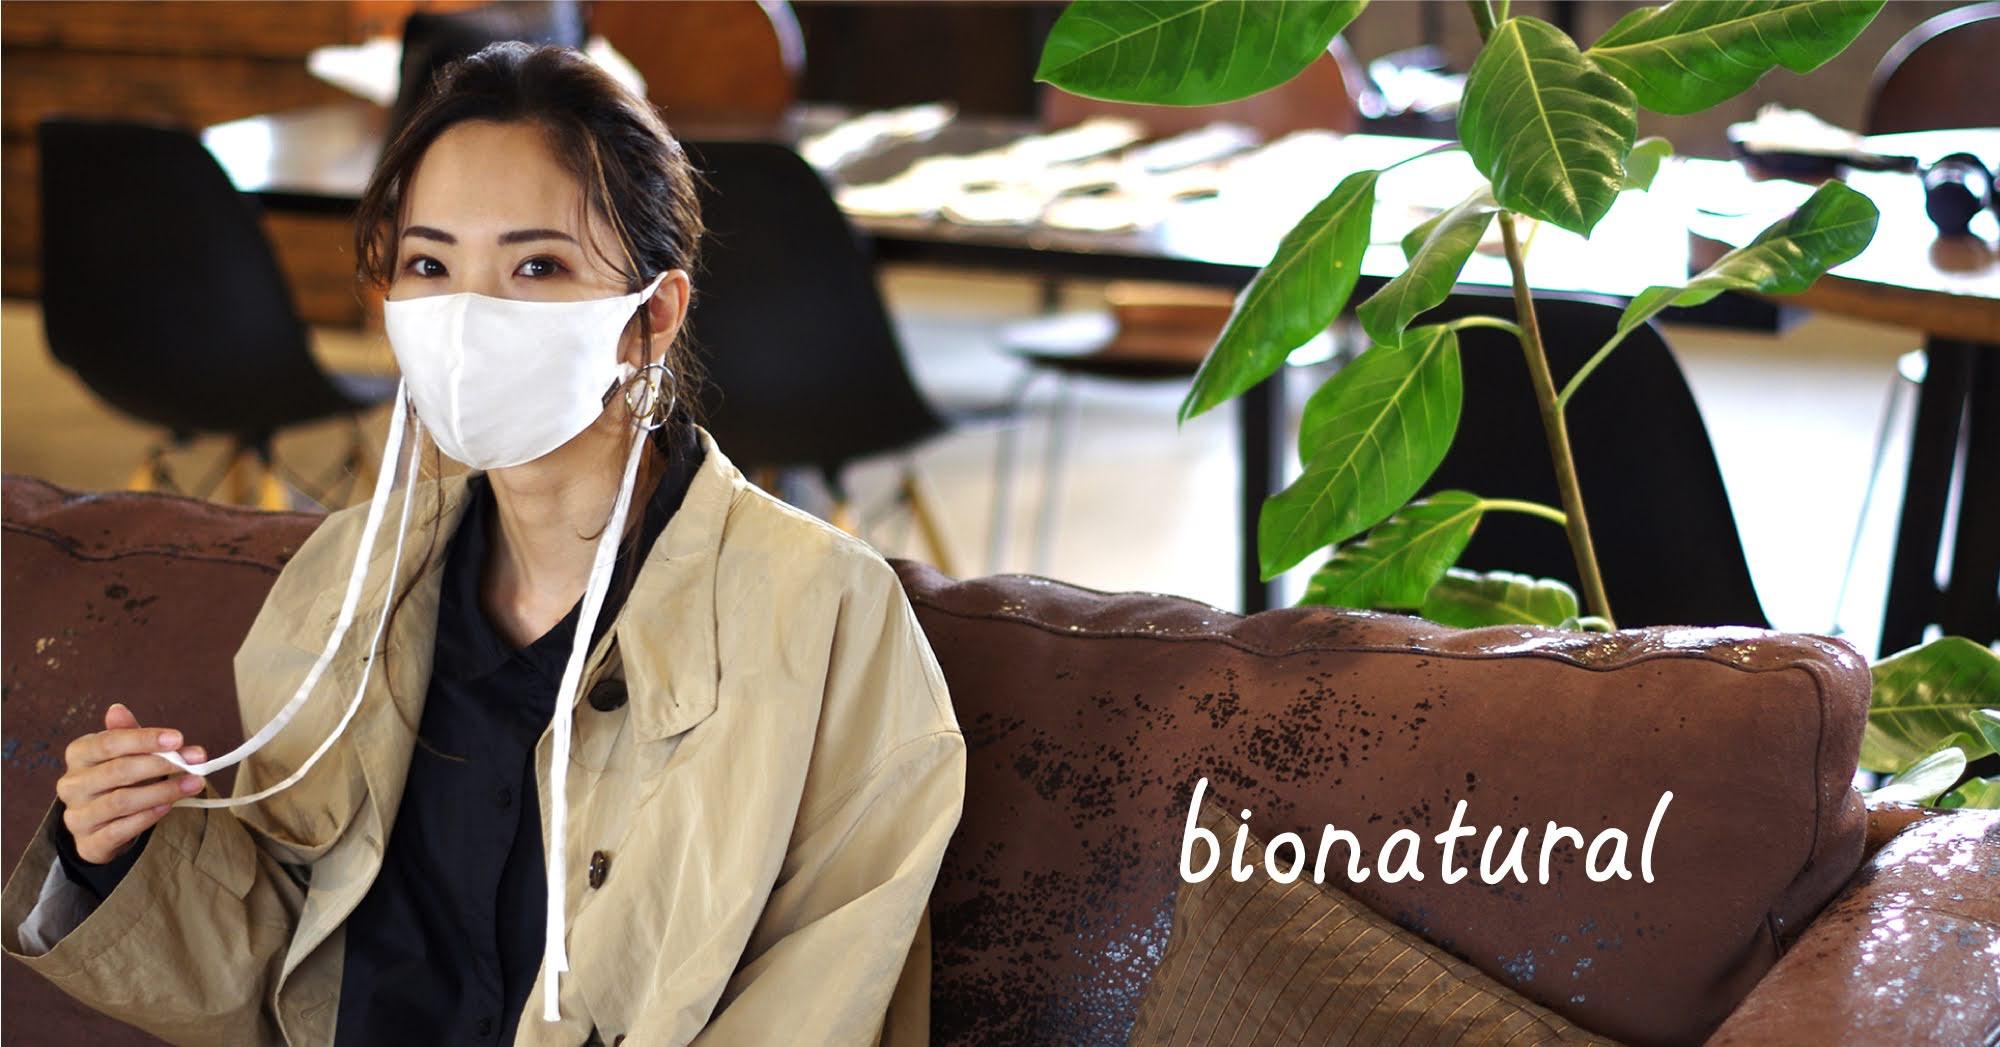 【再予約開始のお知らせ】極上シルクの天然素材マスク「bionatural」